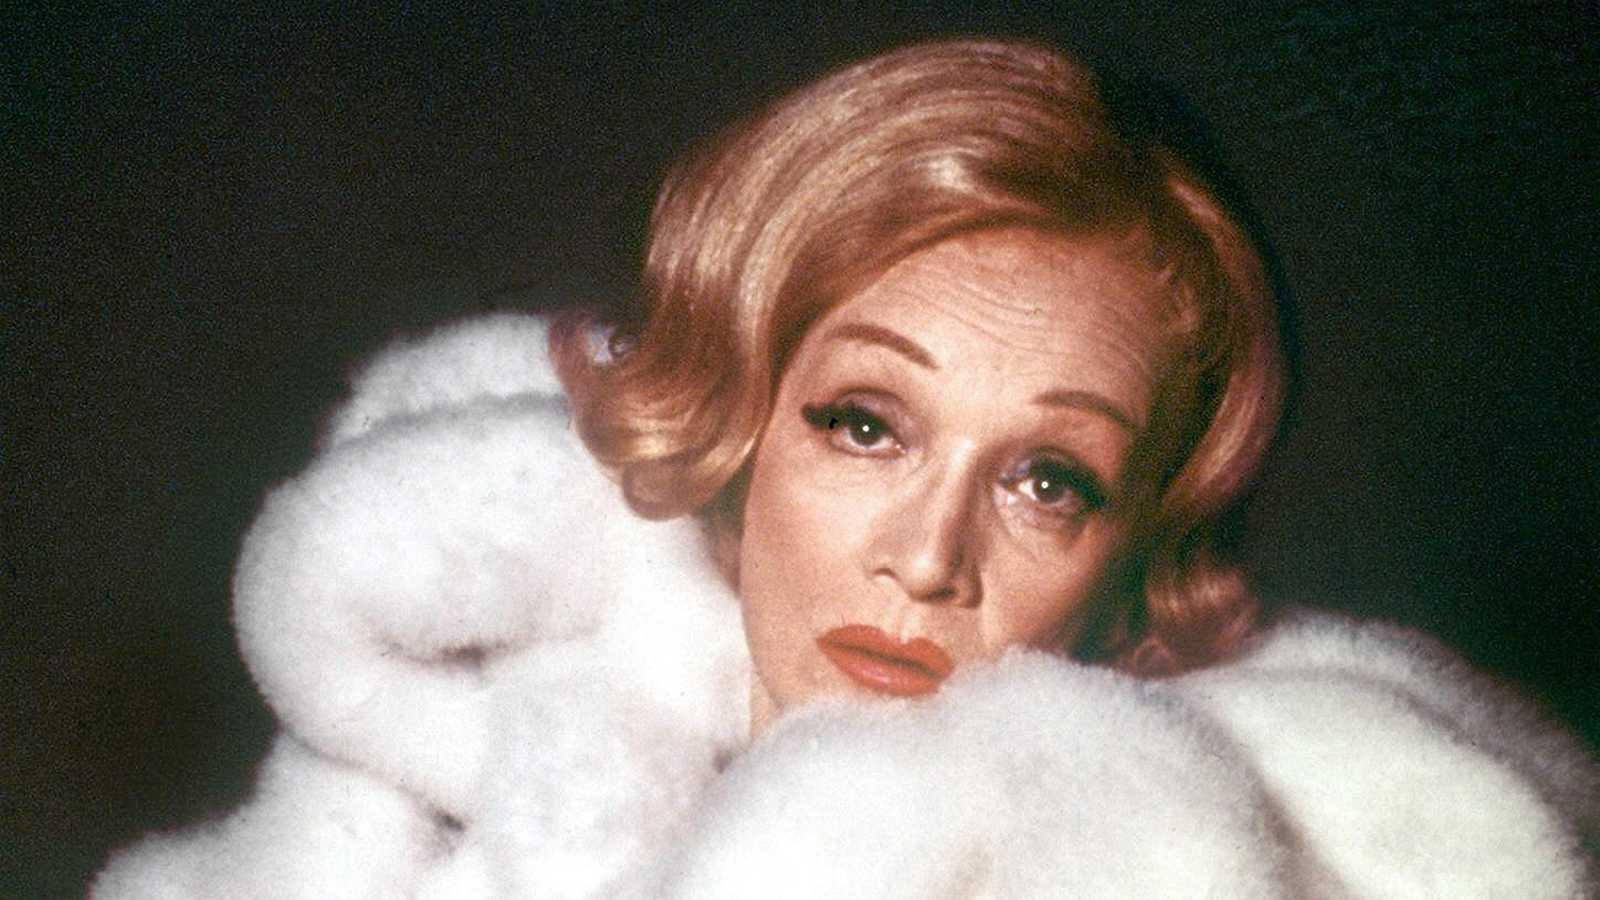 Si hay un mito berlinés, ese es Marlene Dietrich. Su legado personal se puede visitar en el Museo del Cine de la capital alemana. 130 objetos,vestidos y accesorios de una mujer prusiana que rompió muchos moldes: la primera que uso un smoking masculin